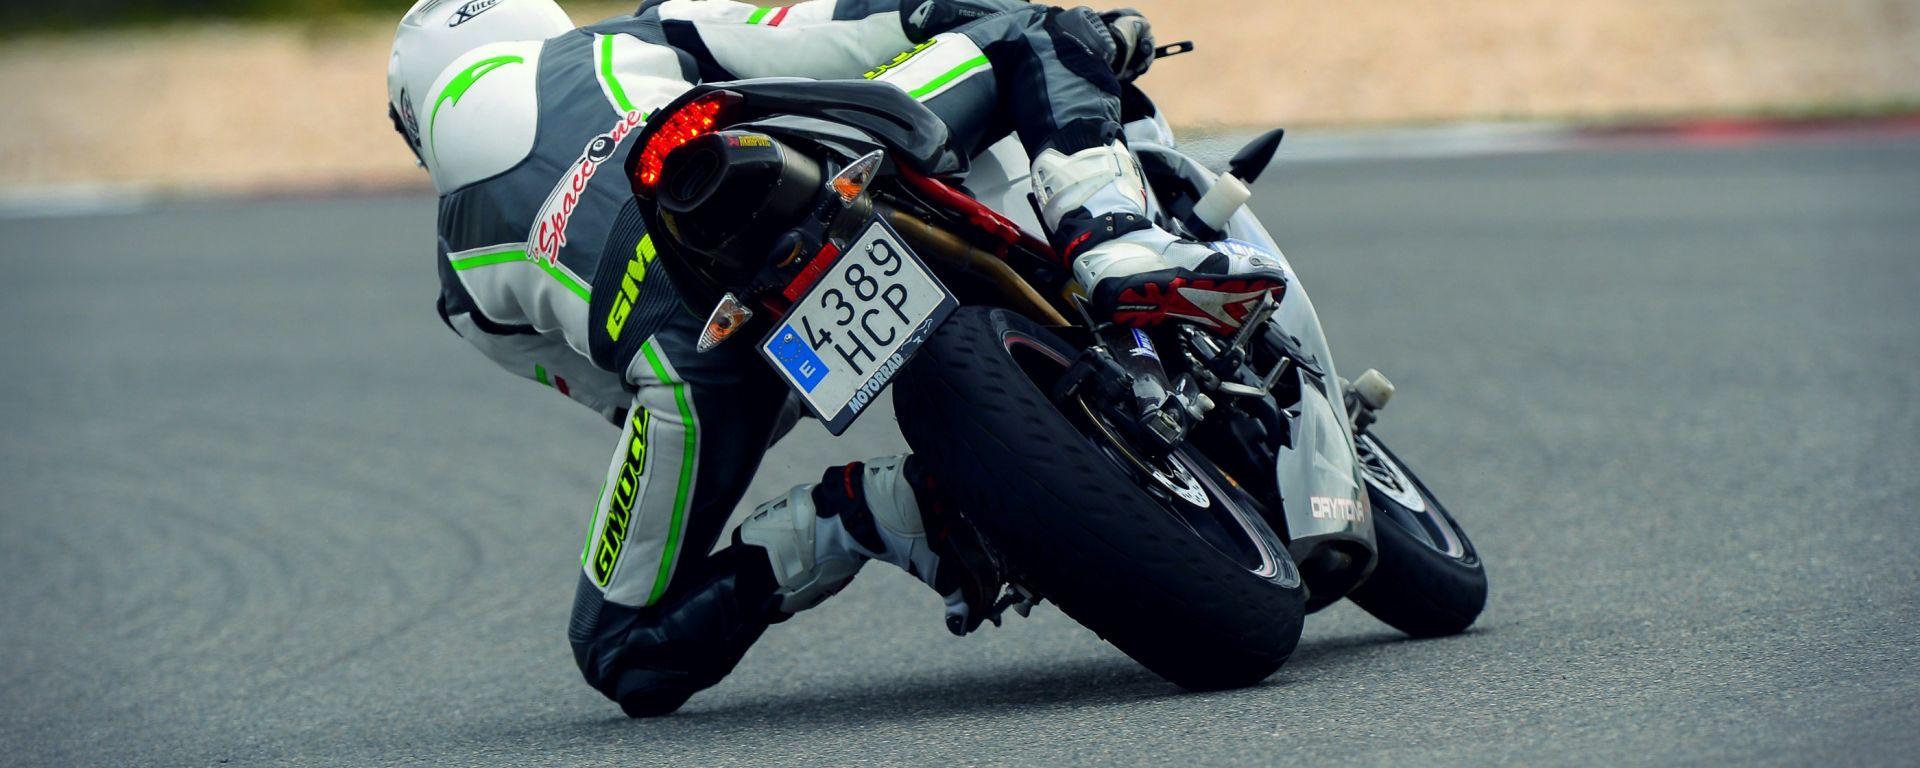 Michelin: la gamma stradale 2013